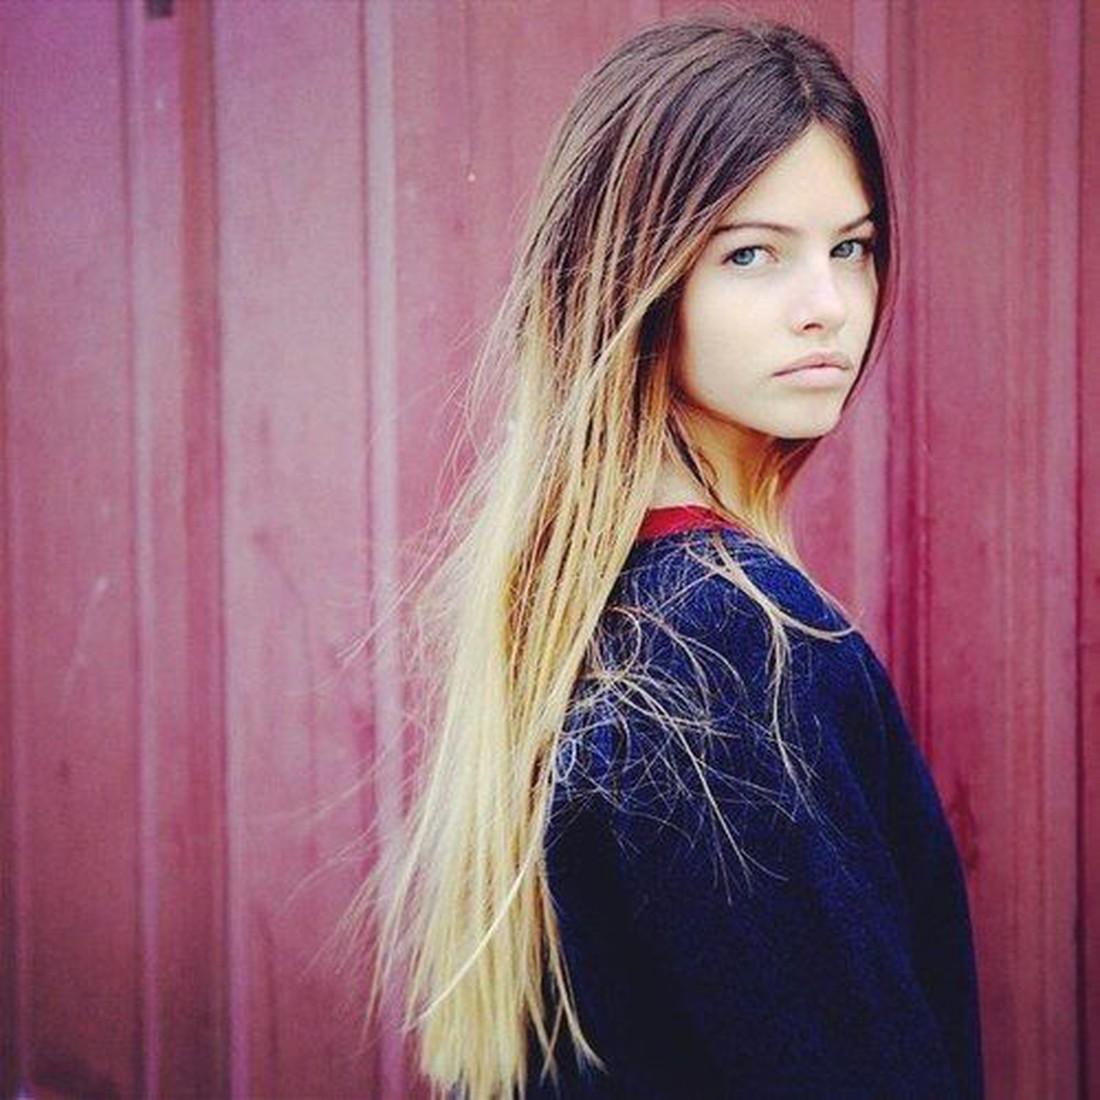 всего девочки 14 лет модели сдержанны нанесении